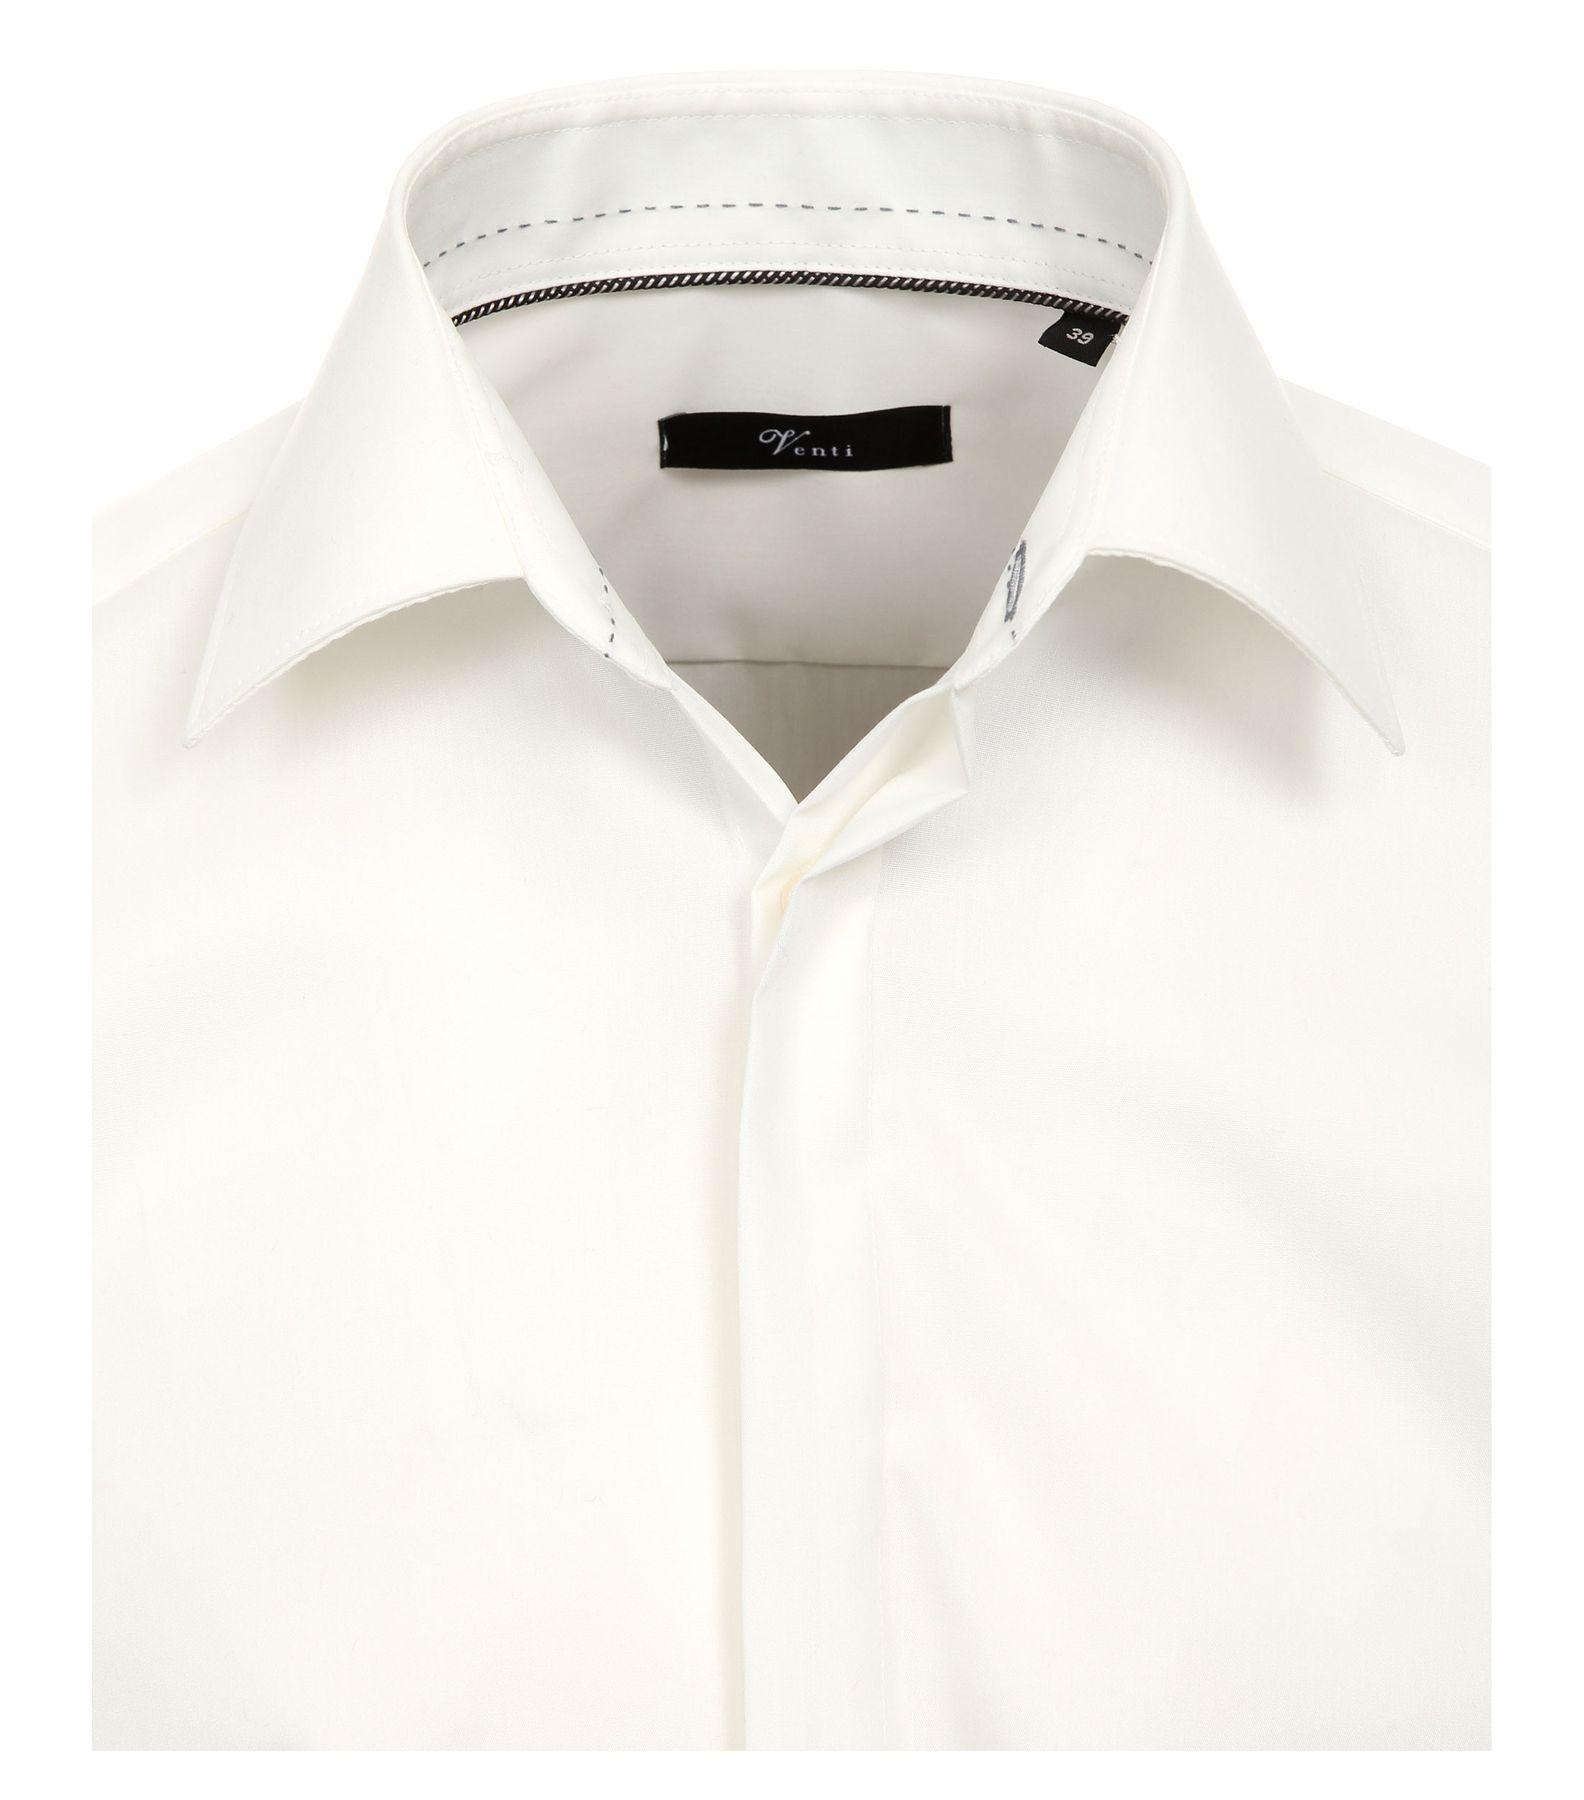 Venti - Evening - Slim Fit-  Festliches Bügelfreies Herren Hemd, schwarz, weiß oder creme (001840) – Bild 7